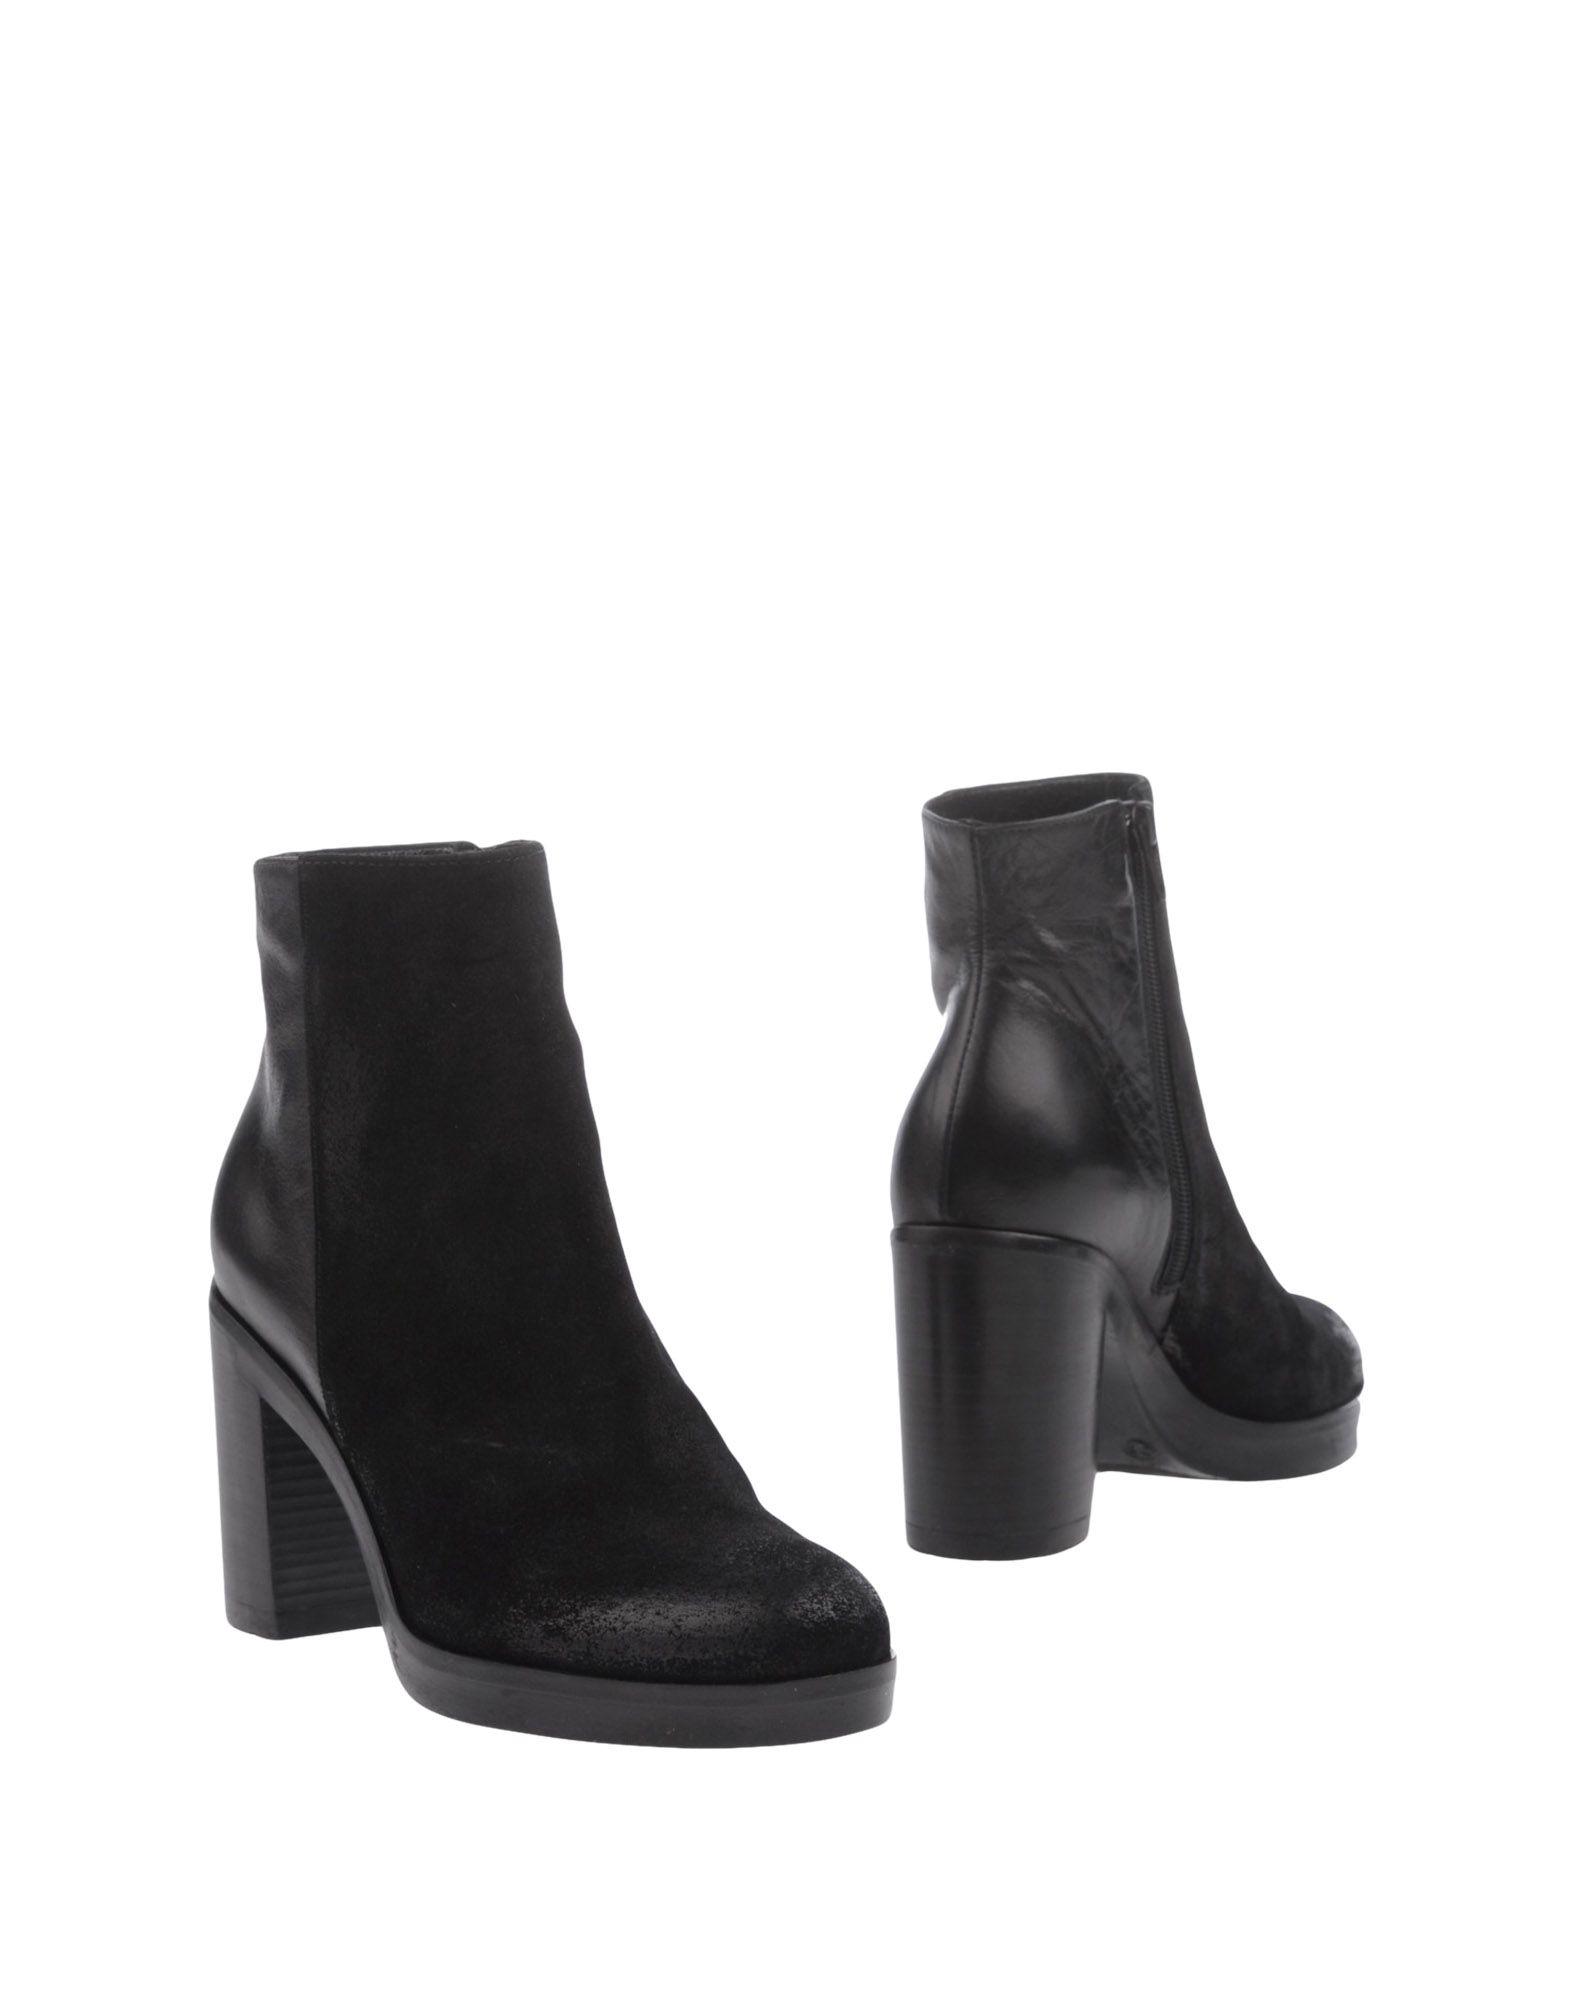 Stilvolle Jfk billige Schuhe Jfk Stilvolle Stiefelette Damen  11239695AO 8e4a81